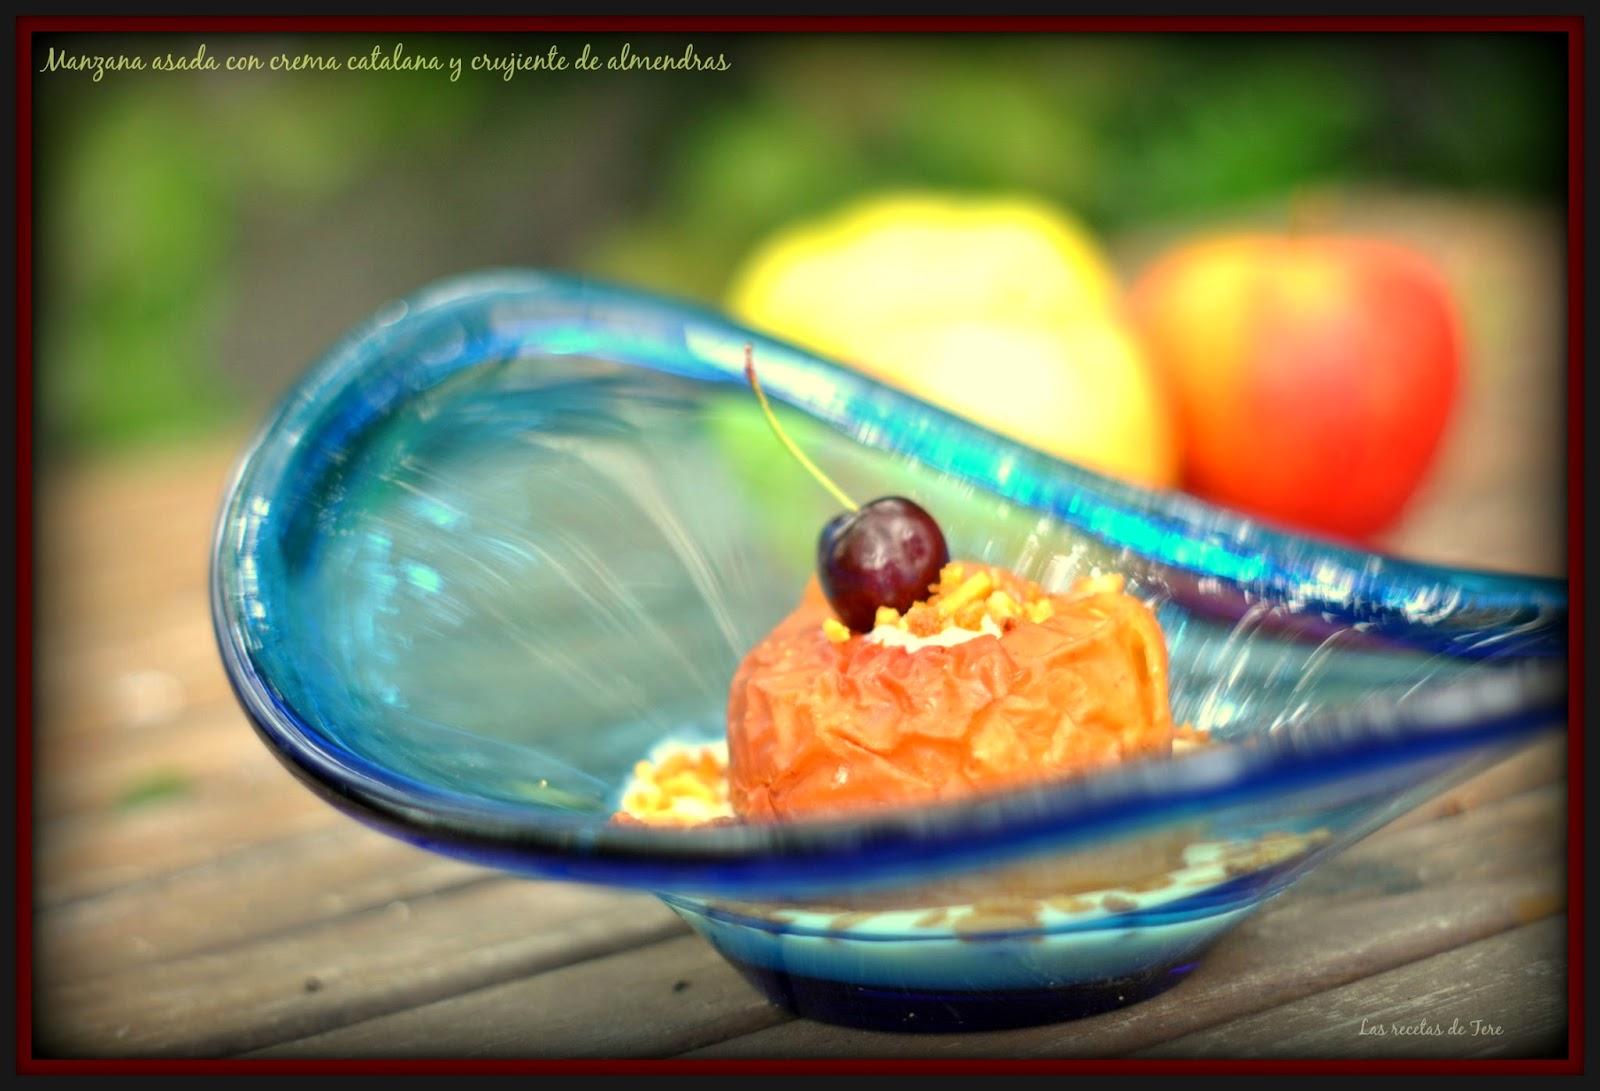 Manzana asada con crema catalana y crujiente de almendras 06